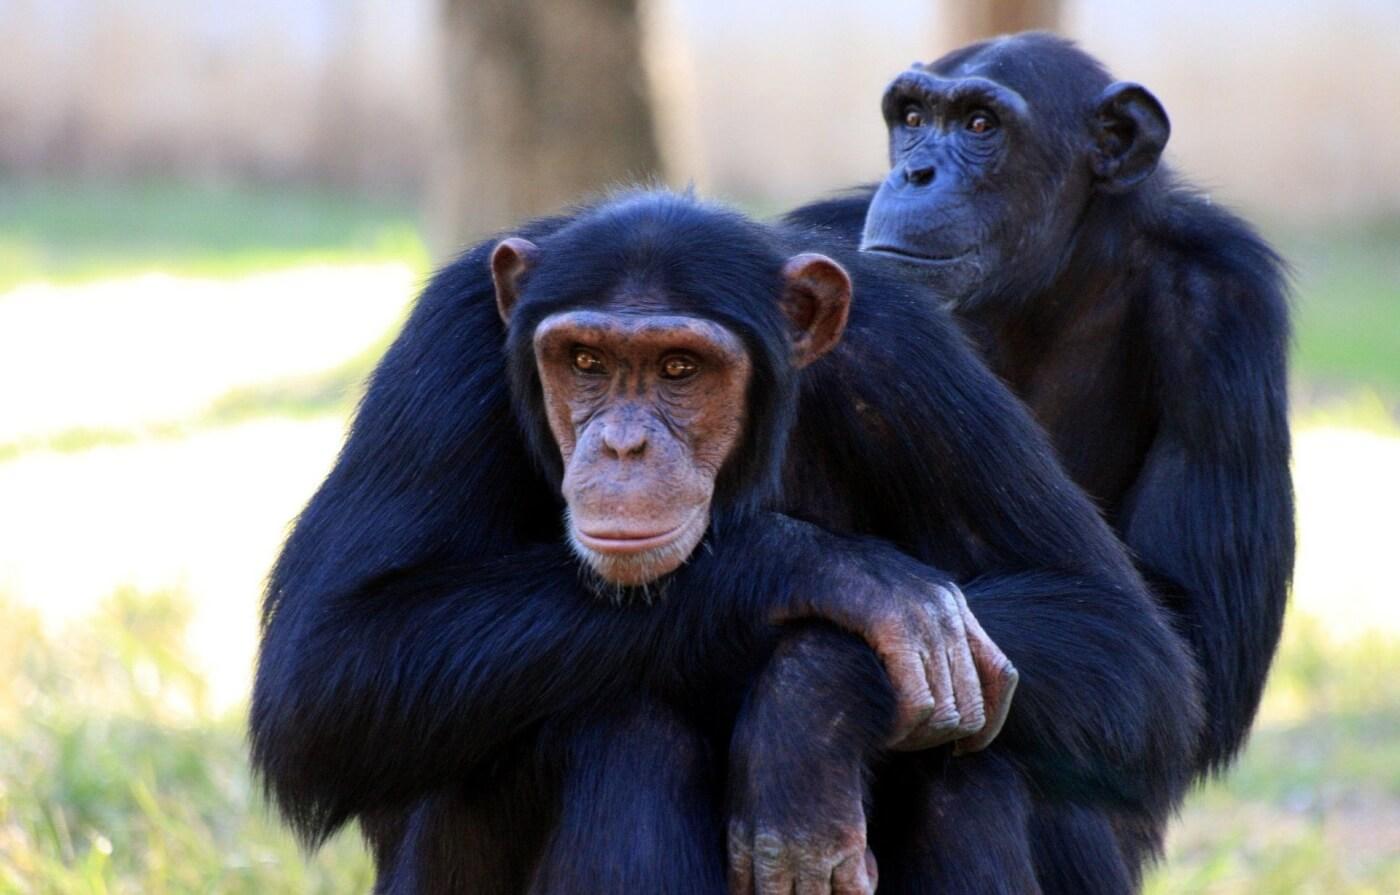 Overwinning voor PETA Duitsland: Het Schwabenpark stopt met chimpansee en papegaai tentoonstellingen